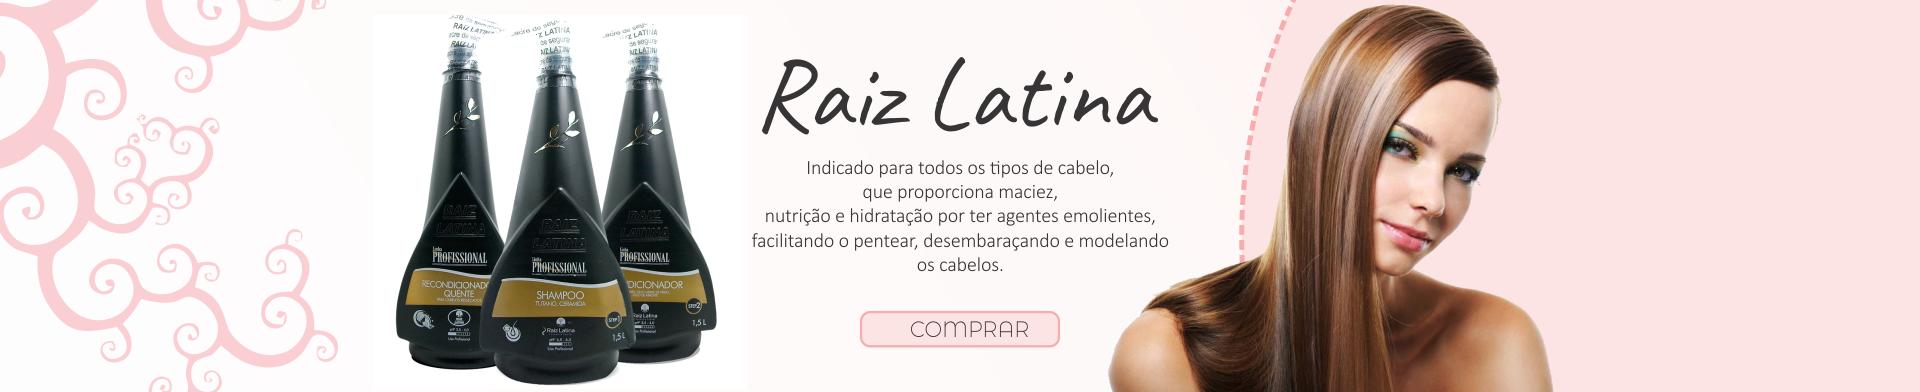 raiz latina